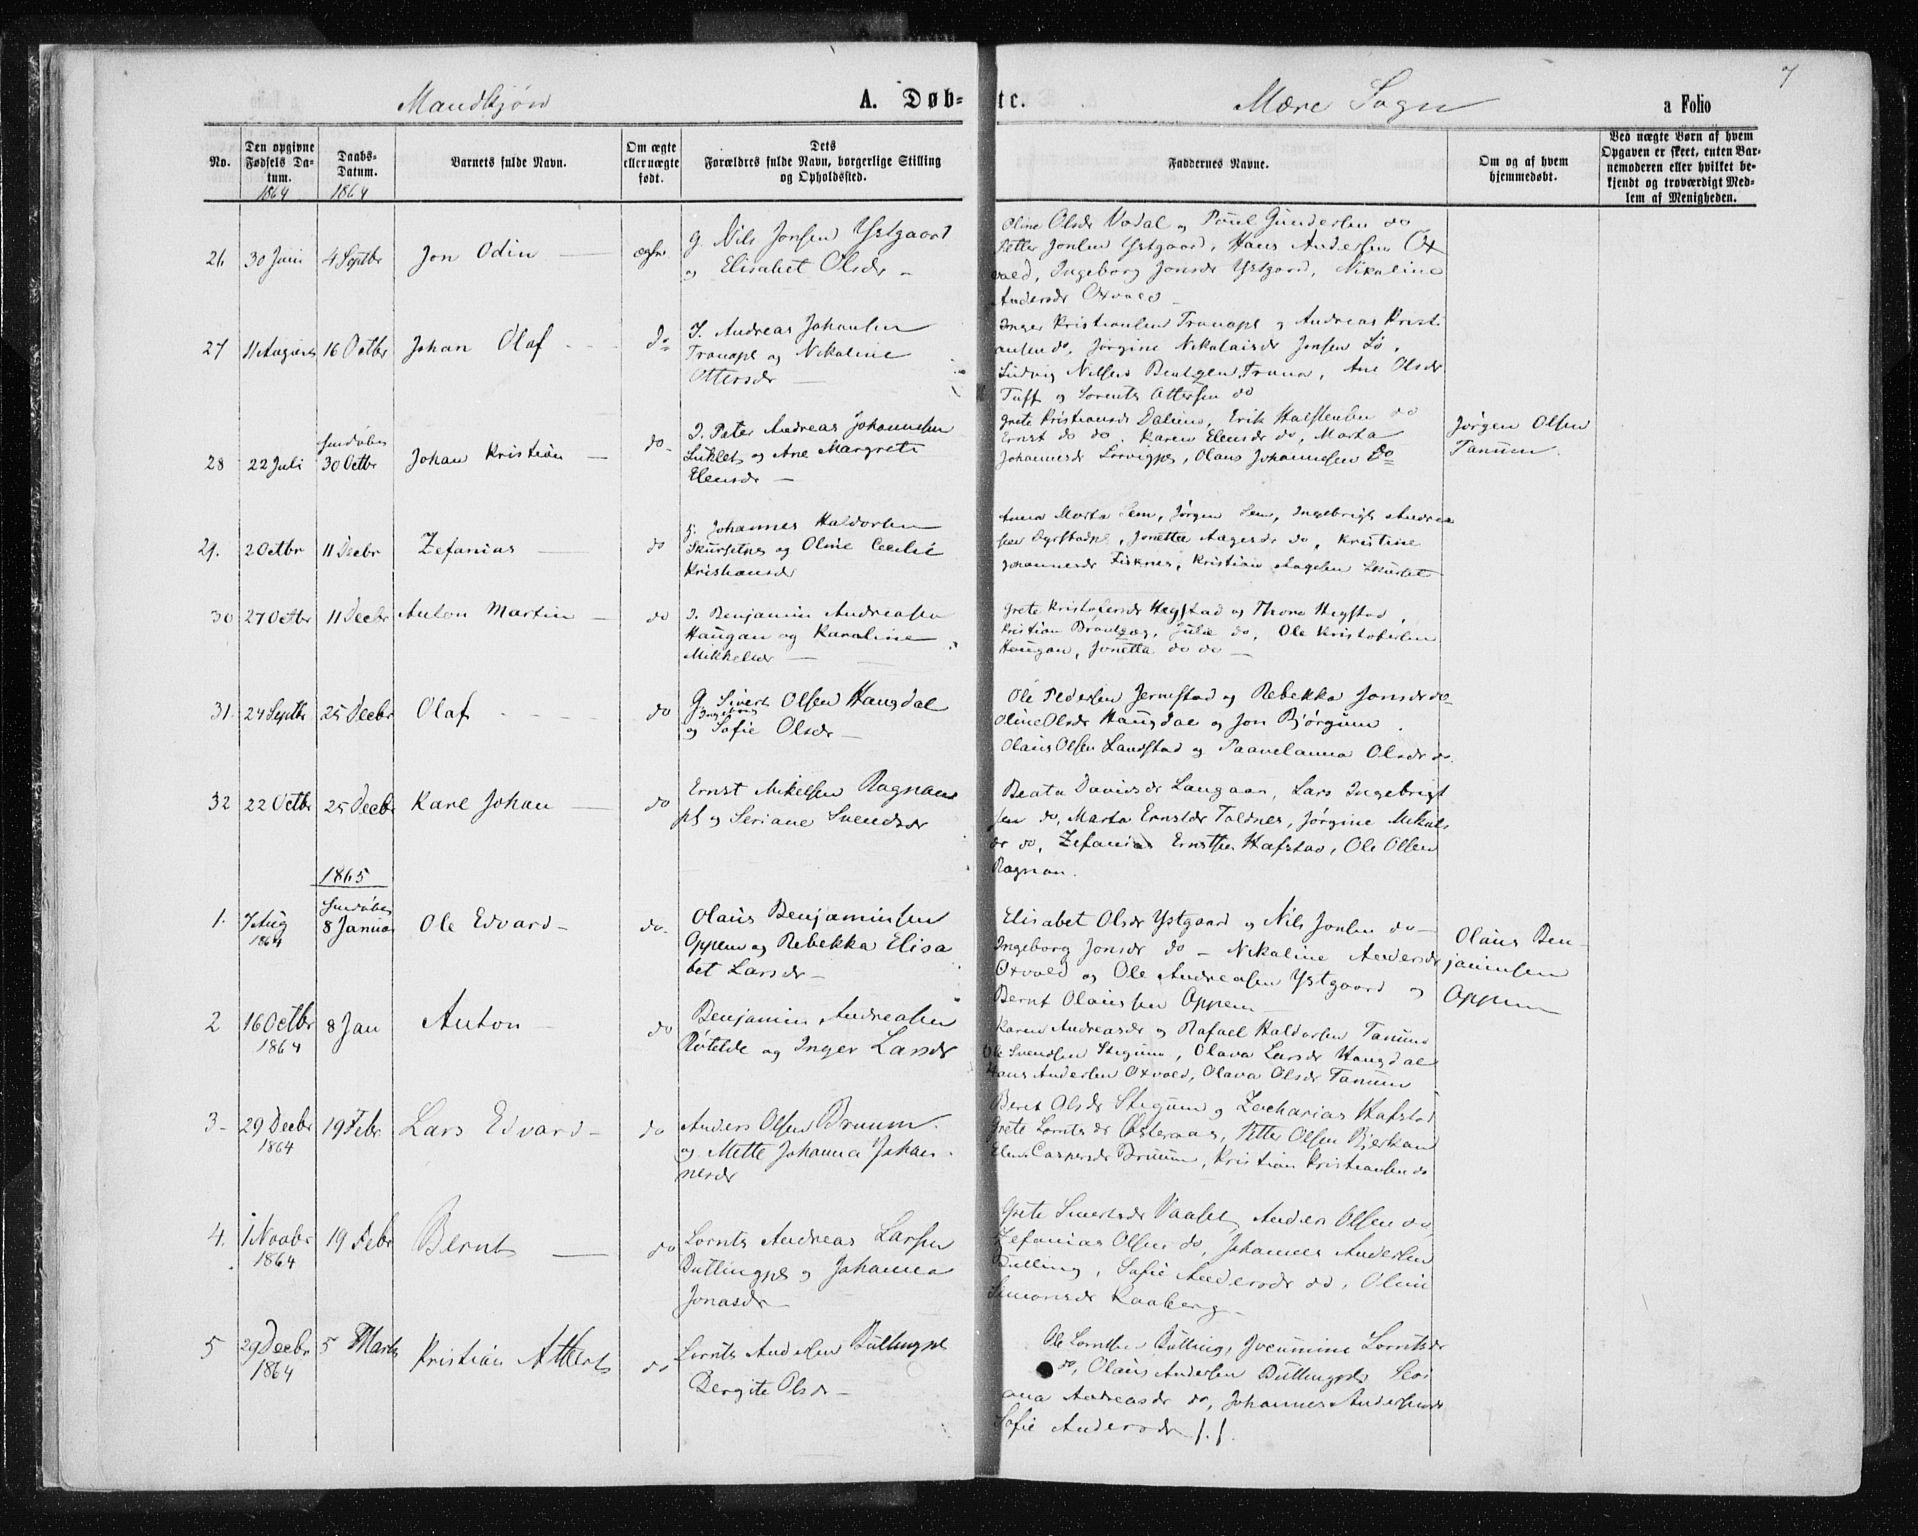 SAT, Ministerialprotokoller, klokkerbøker og fødselsregistre - Nord-Trøndelag, 735/L0345: Ministerialbok nr. 735A08 /1, 1863-1872, s. 7